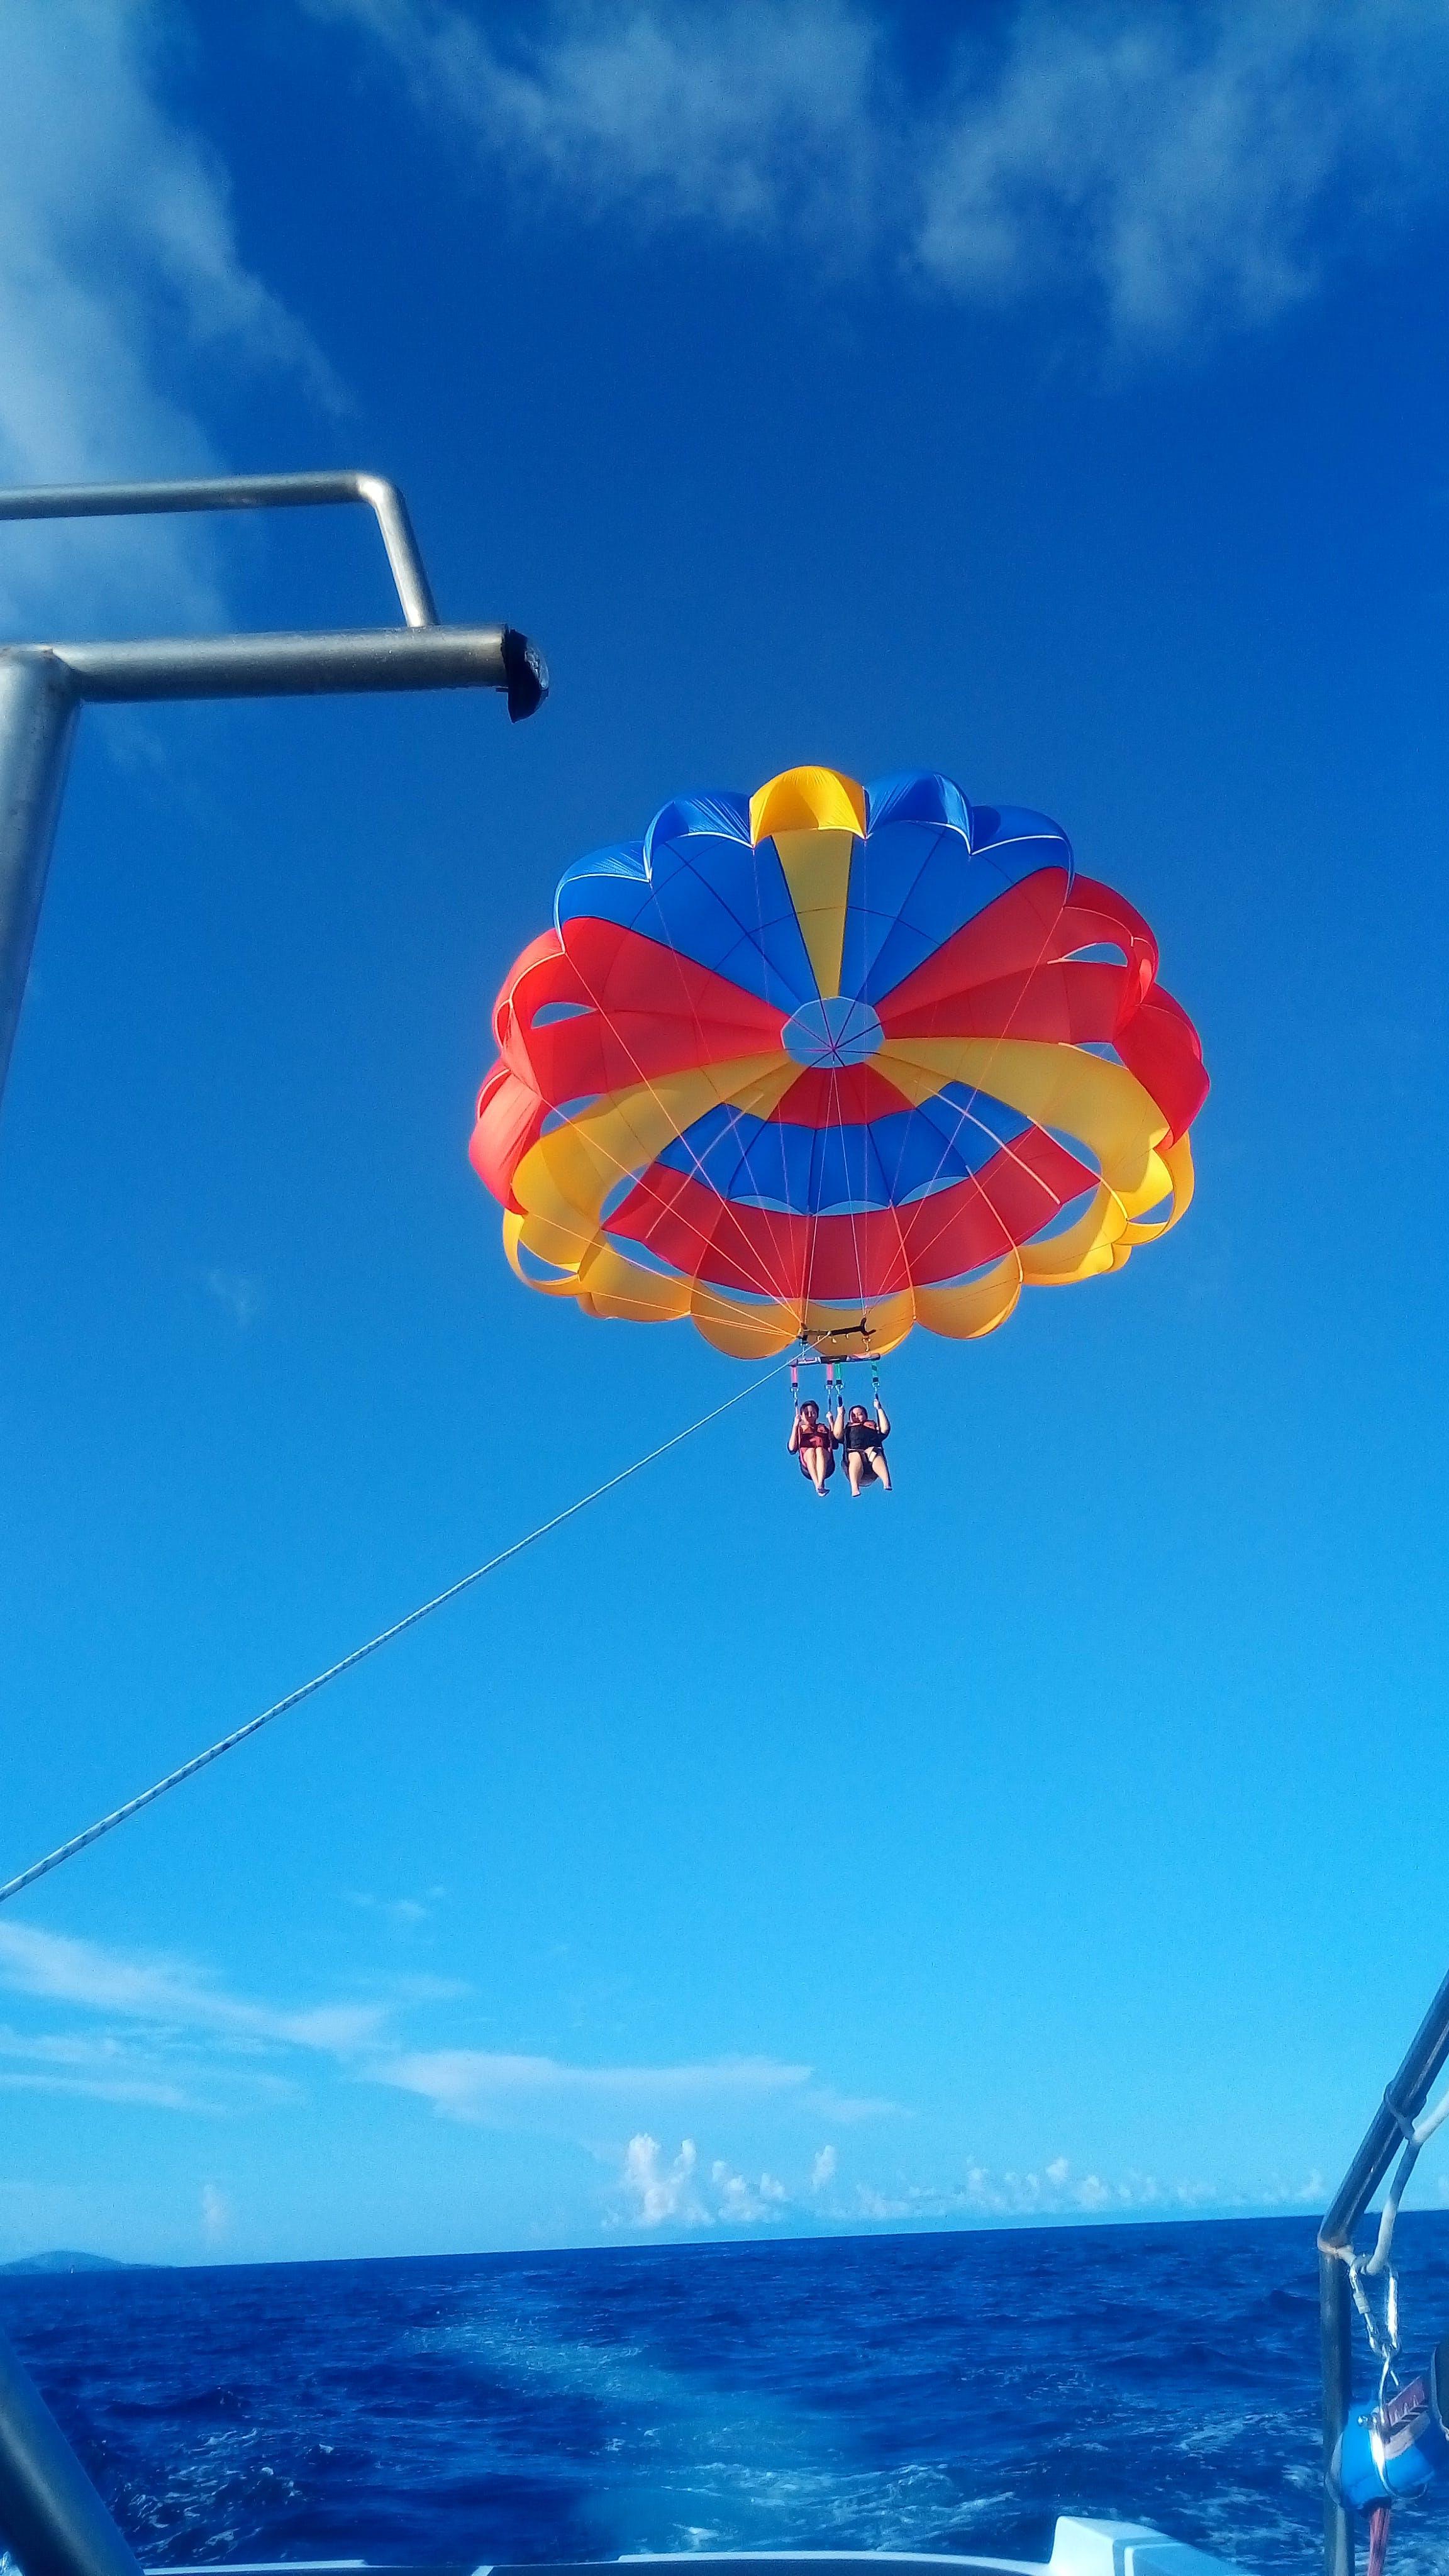 Free stock photo of air, ballon, beach, sky